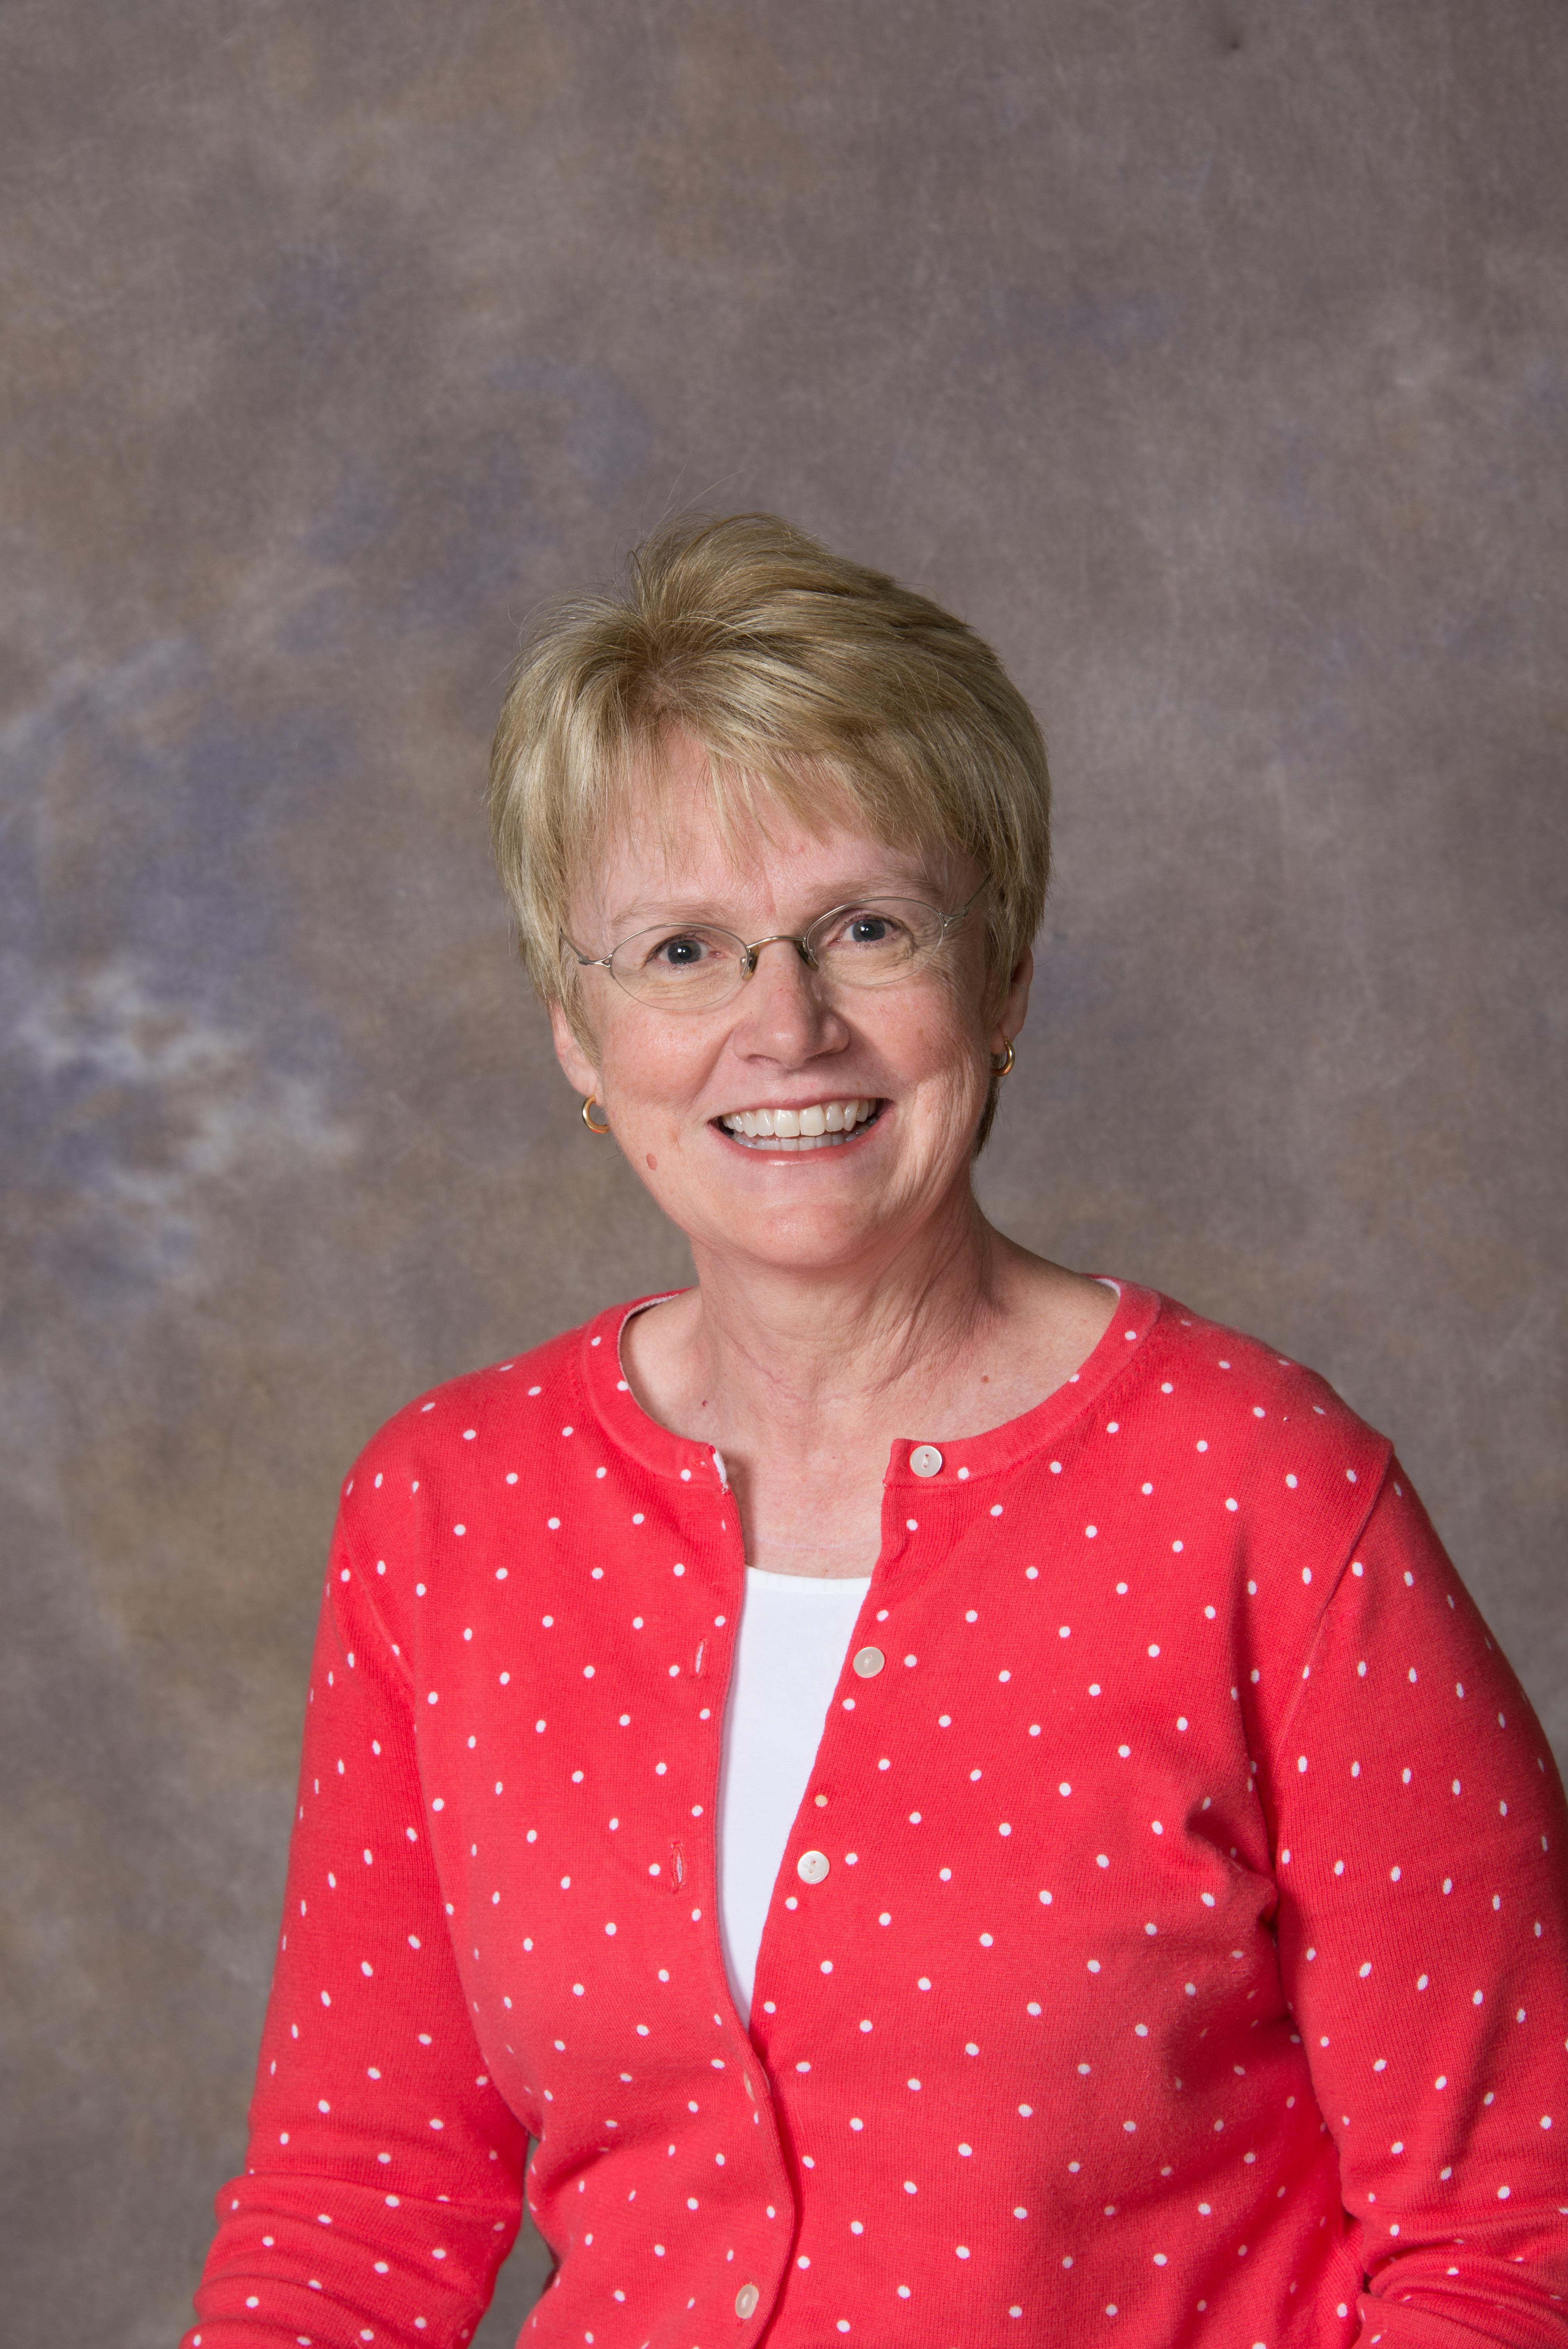 Kathy Duvendeck